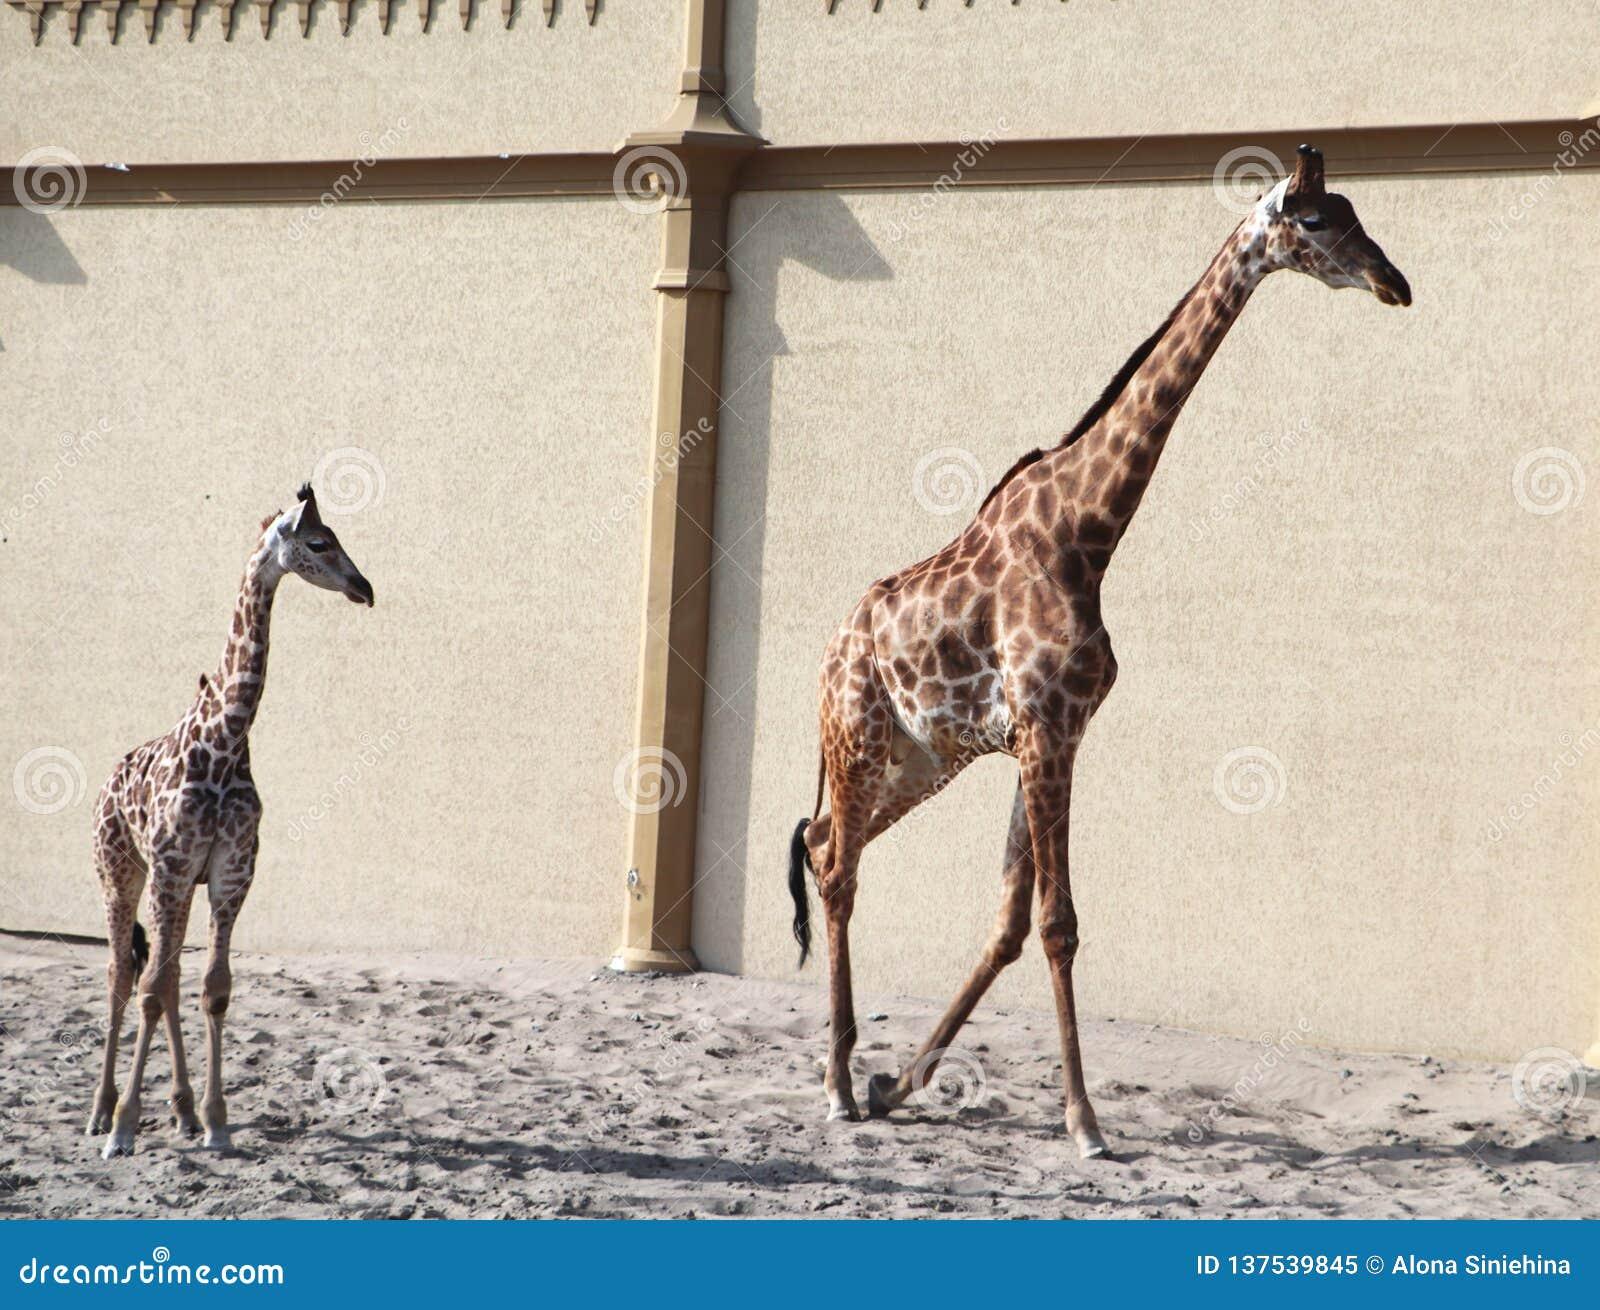 Baby giraffe. Wild nature. Giraffe at the zoo